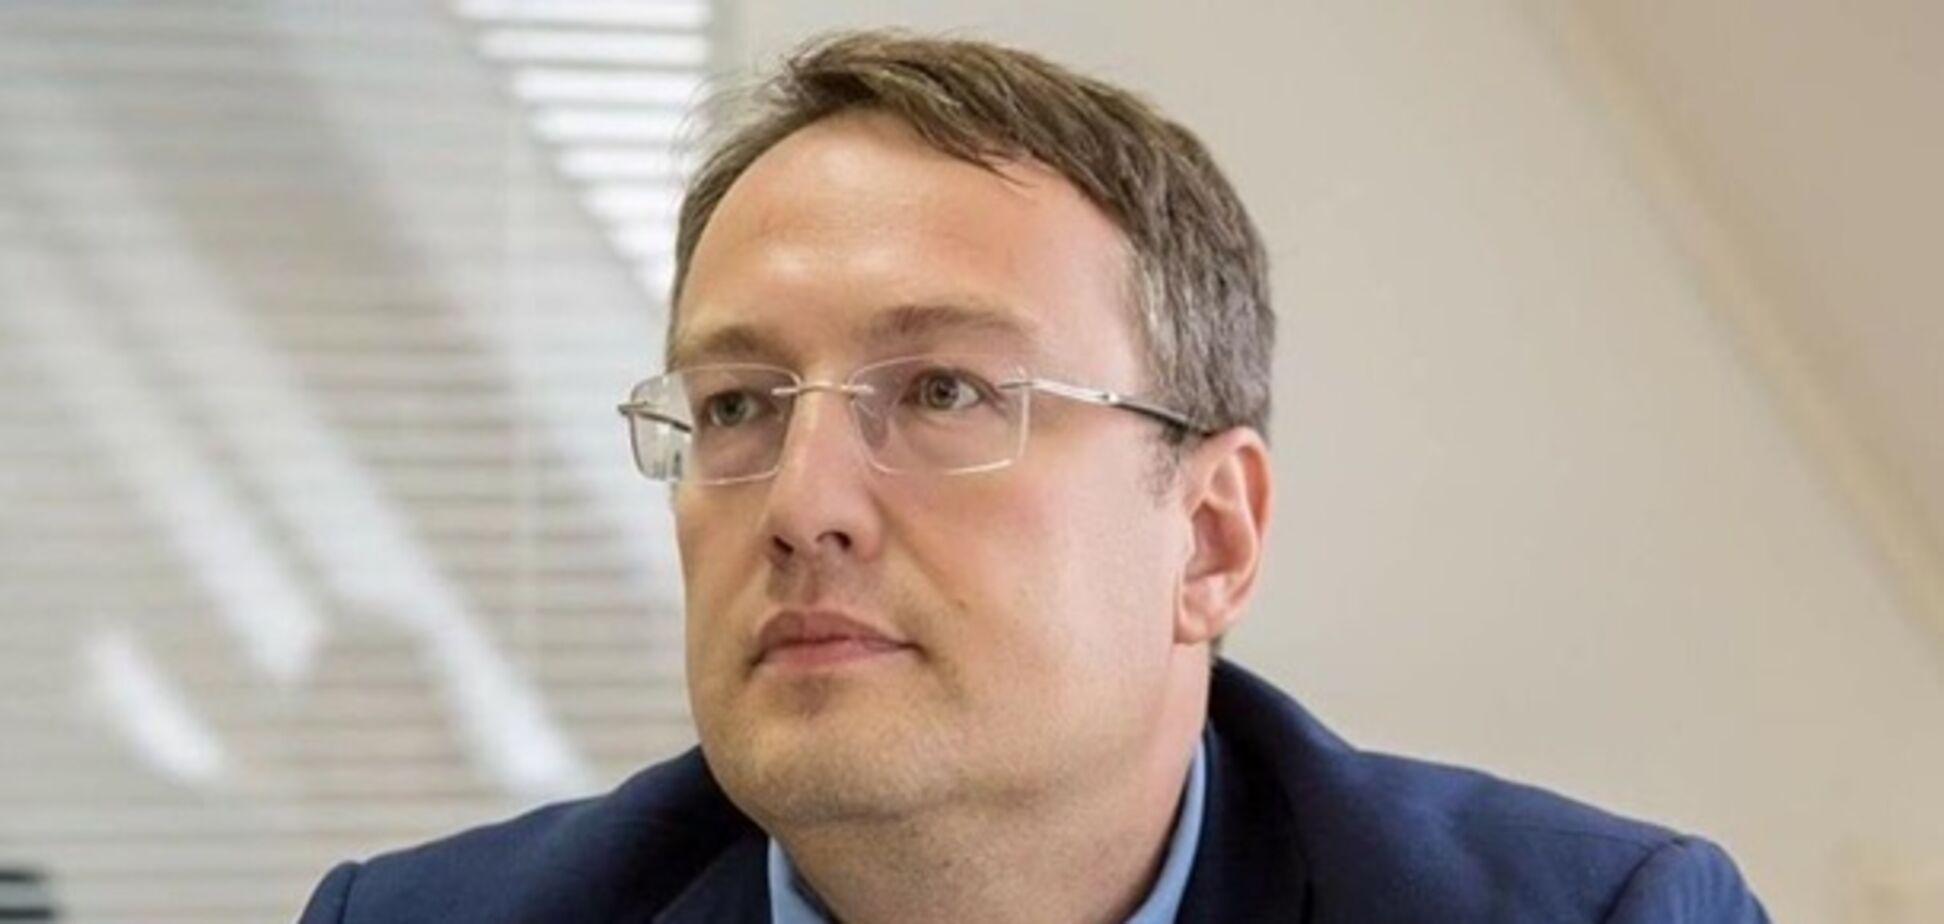 У МВС заявили про зв'язок підозрюваних у вбивстві Шеремета з СБУ